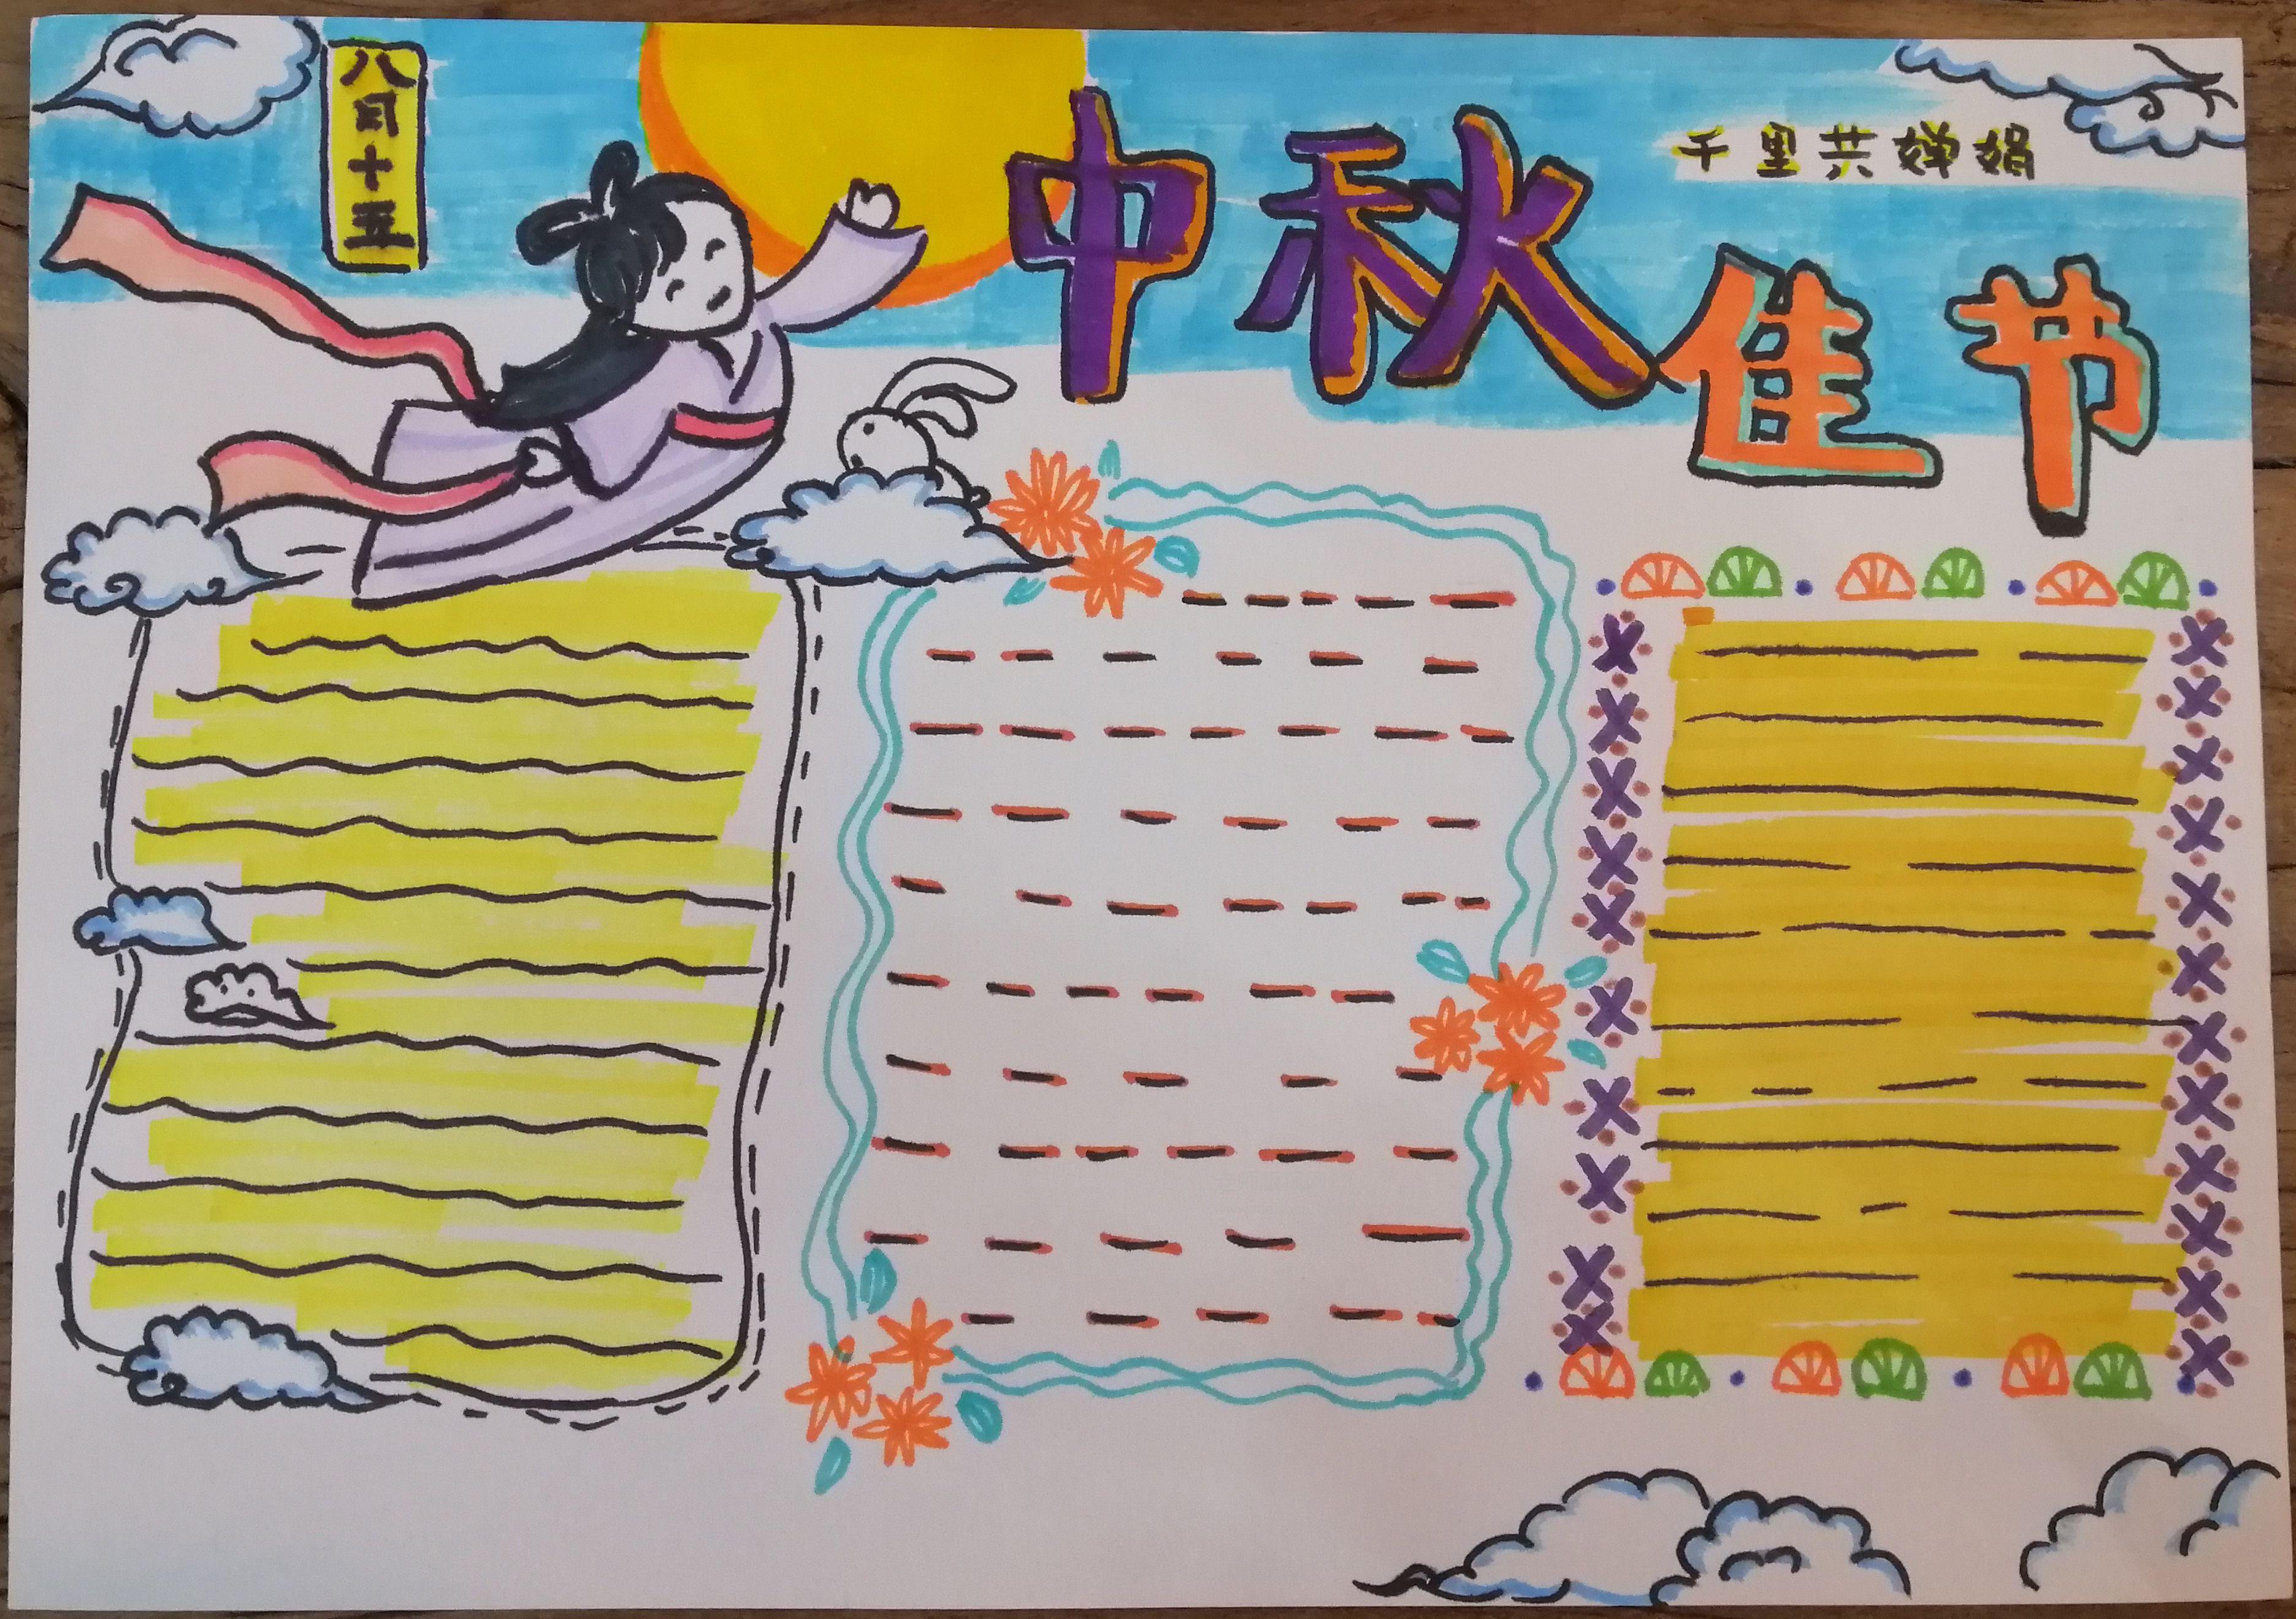 中秋佳节手抄报版面设计图片